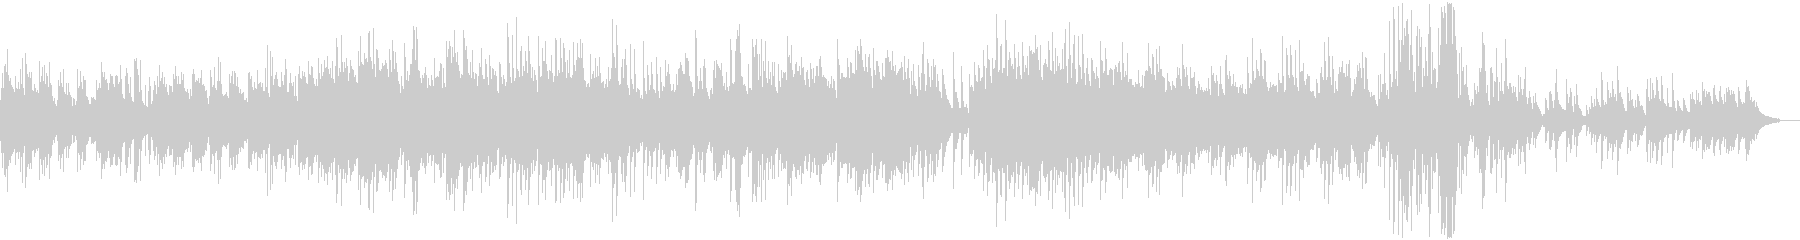 ピアノの非常に長い曲で、明るく、や...の未再生の波形